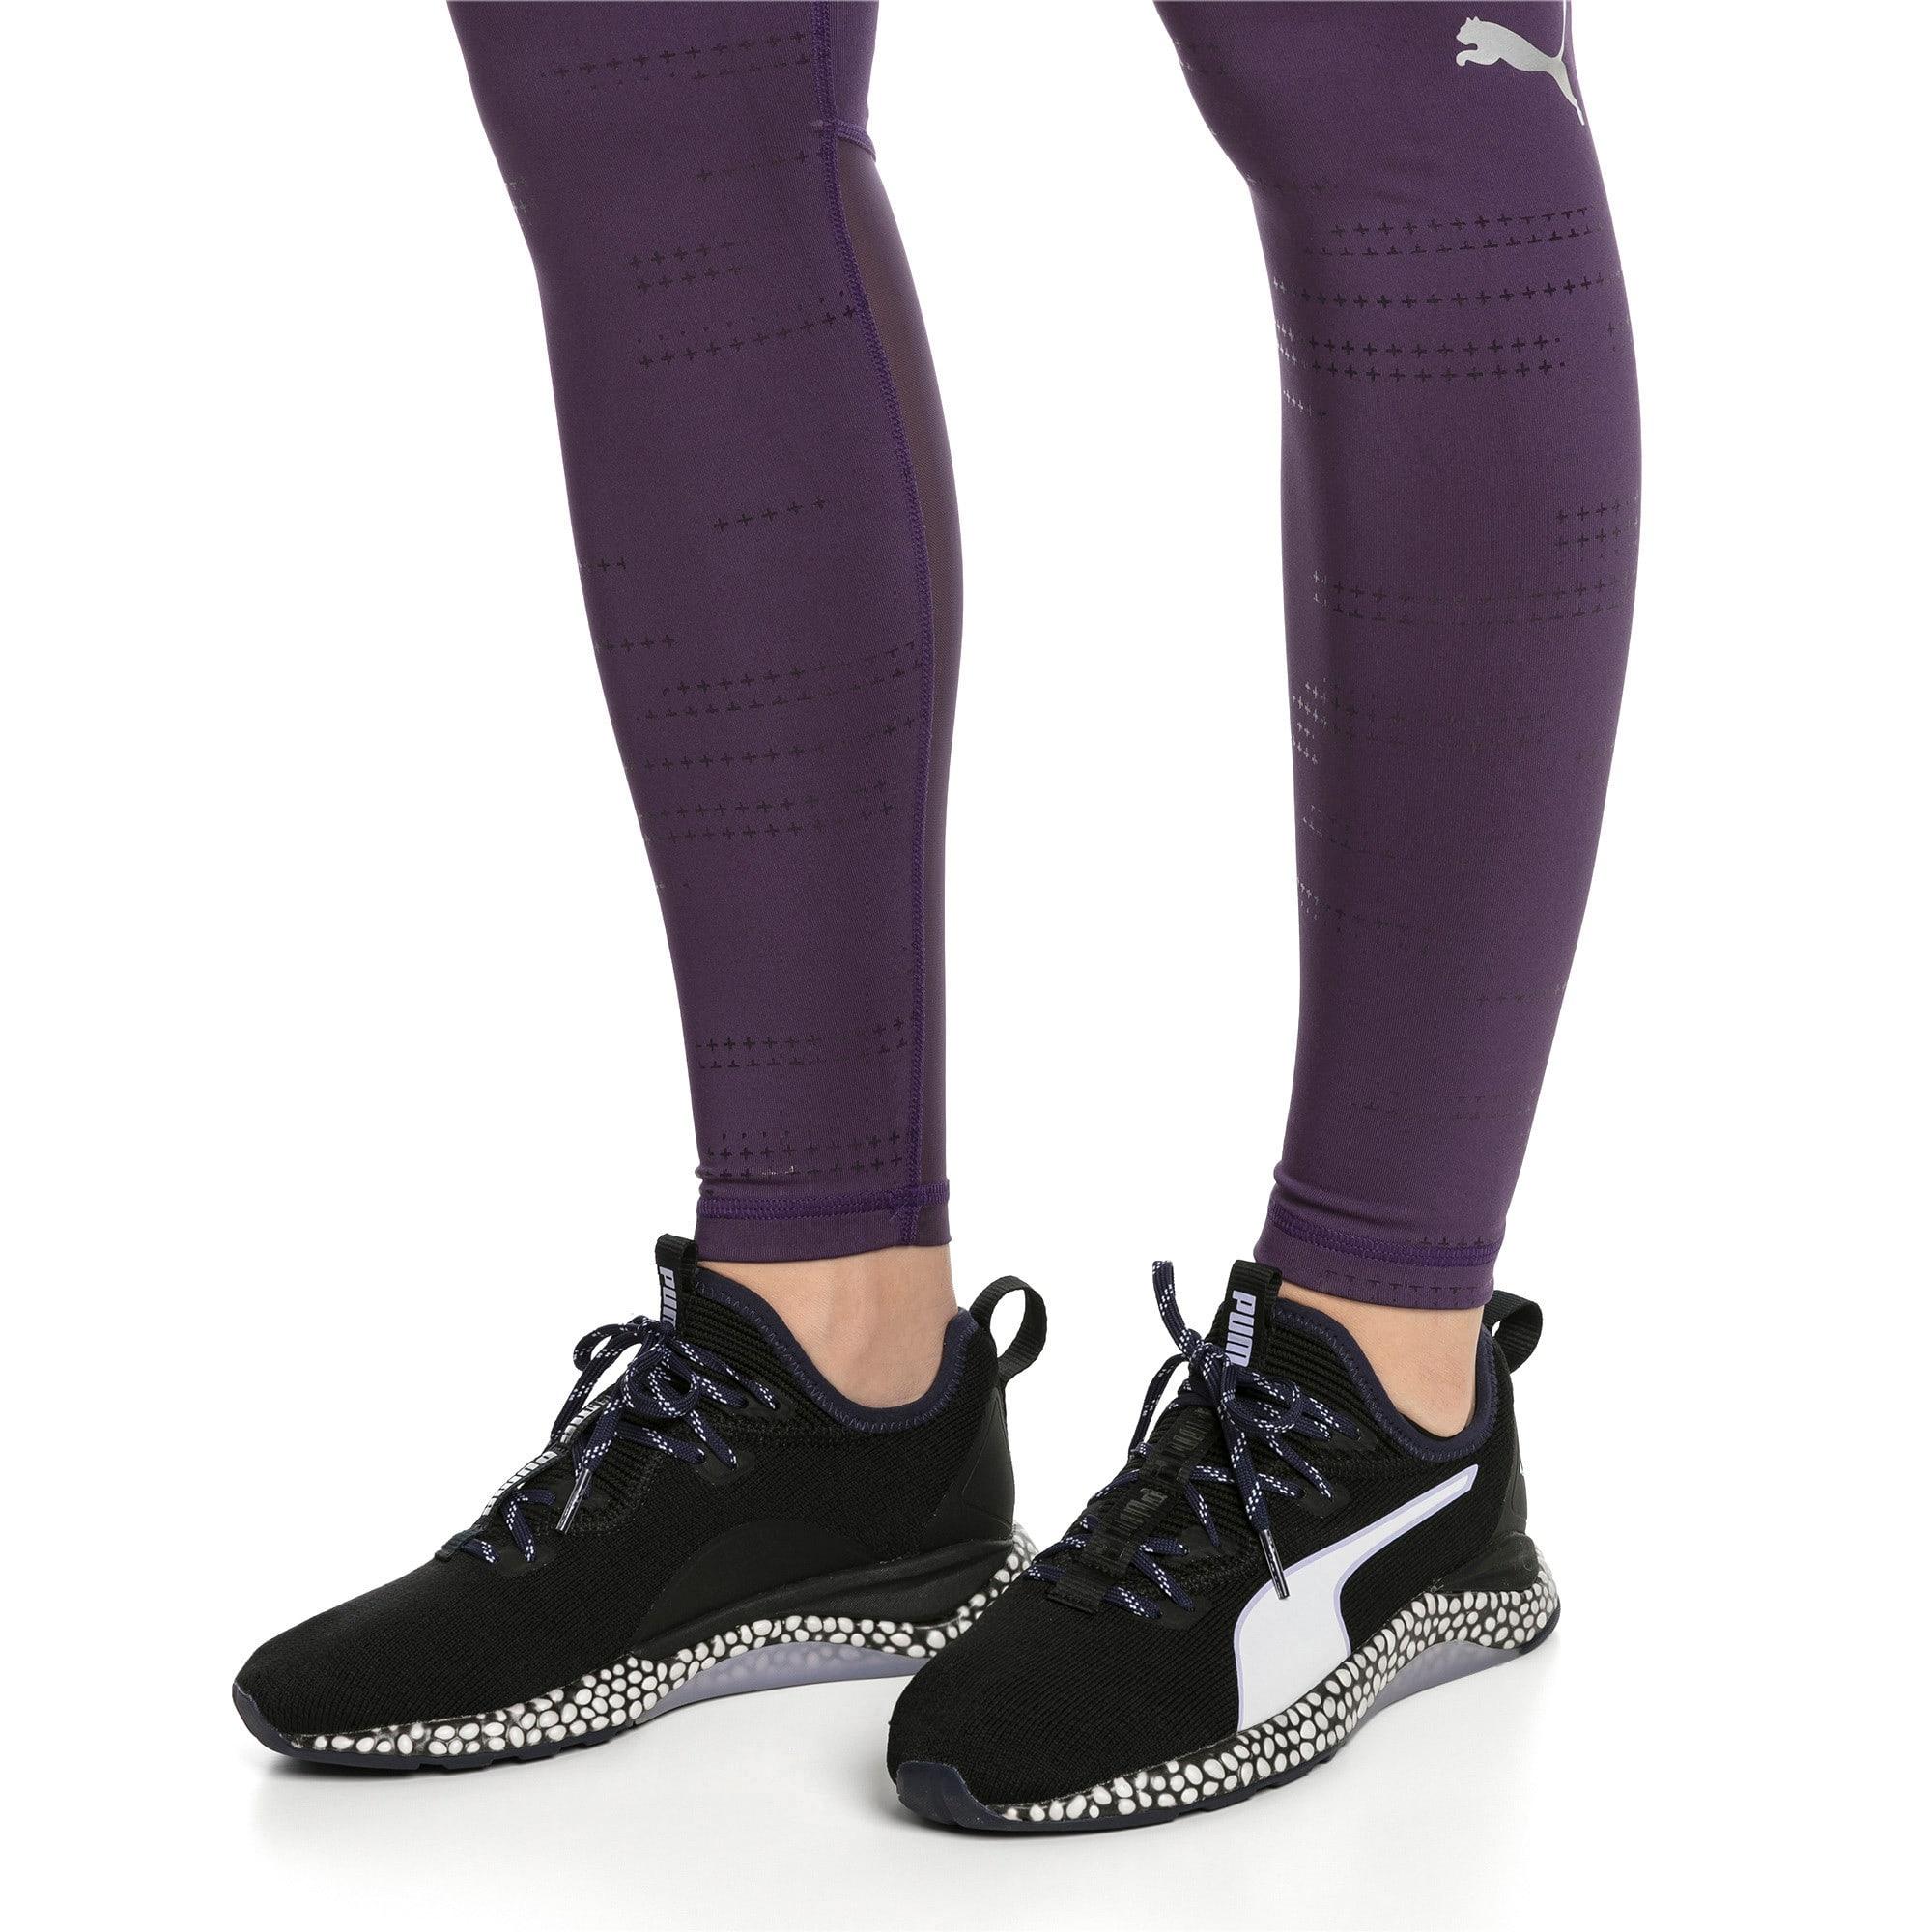 Thumbnail 2 of HYBRID Runner Women's Running Shoes, Peacoat-Sweet Lavender, medium